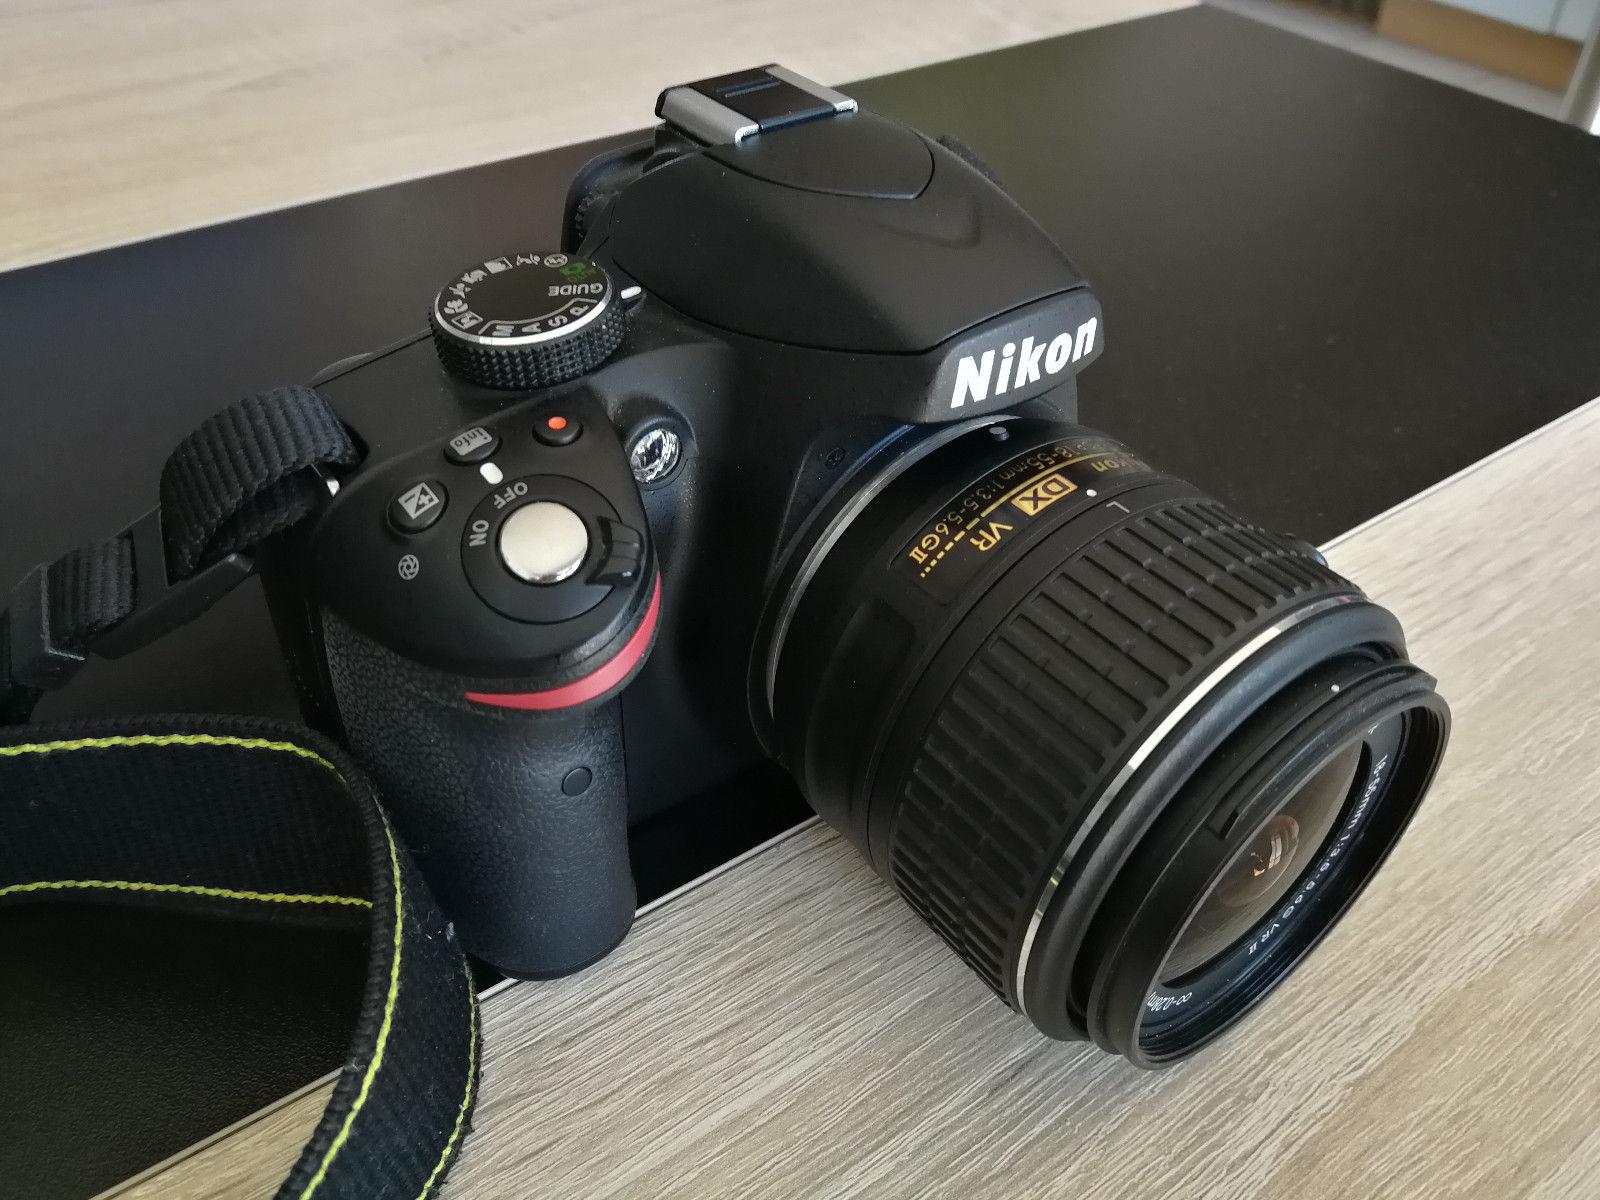 Nikon D3200 digitale Spiegelreflexkamera mit umfangreichem Zubehörpaket